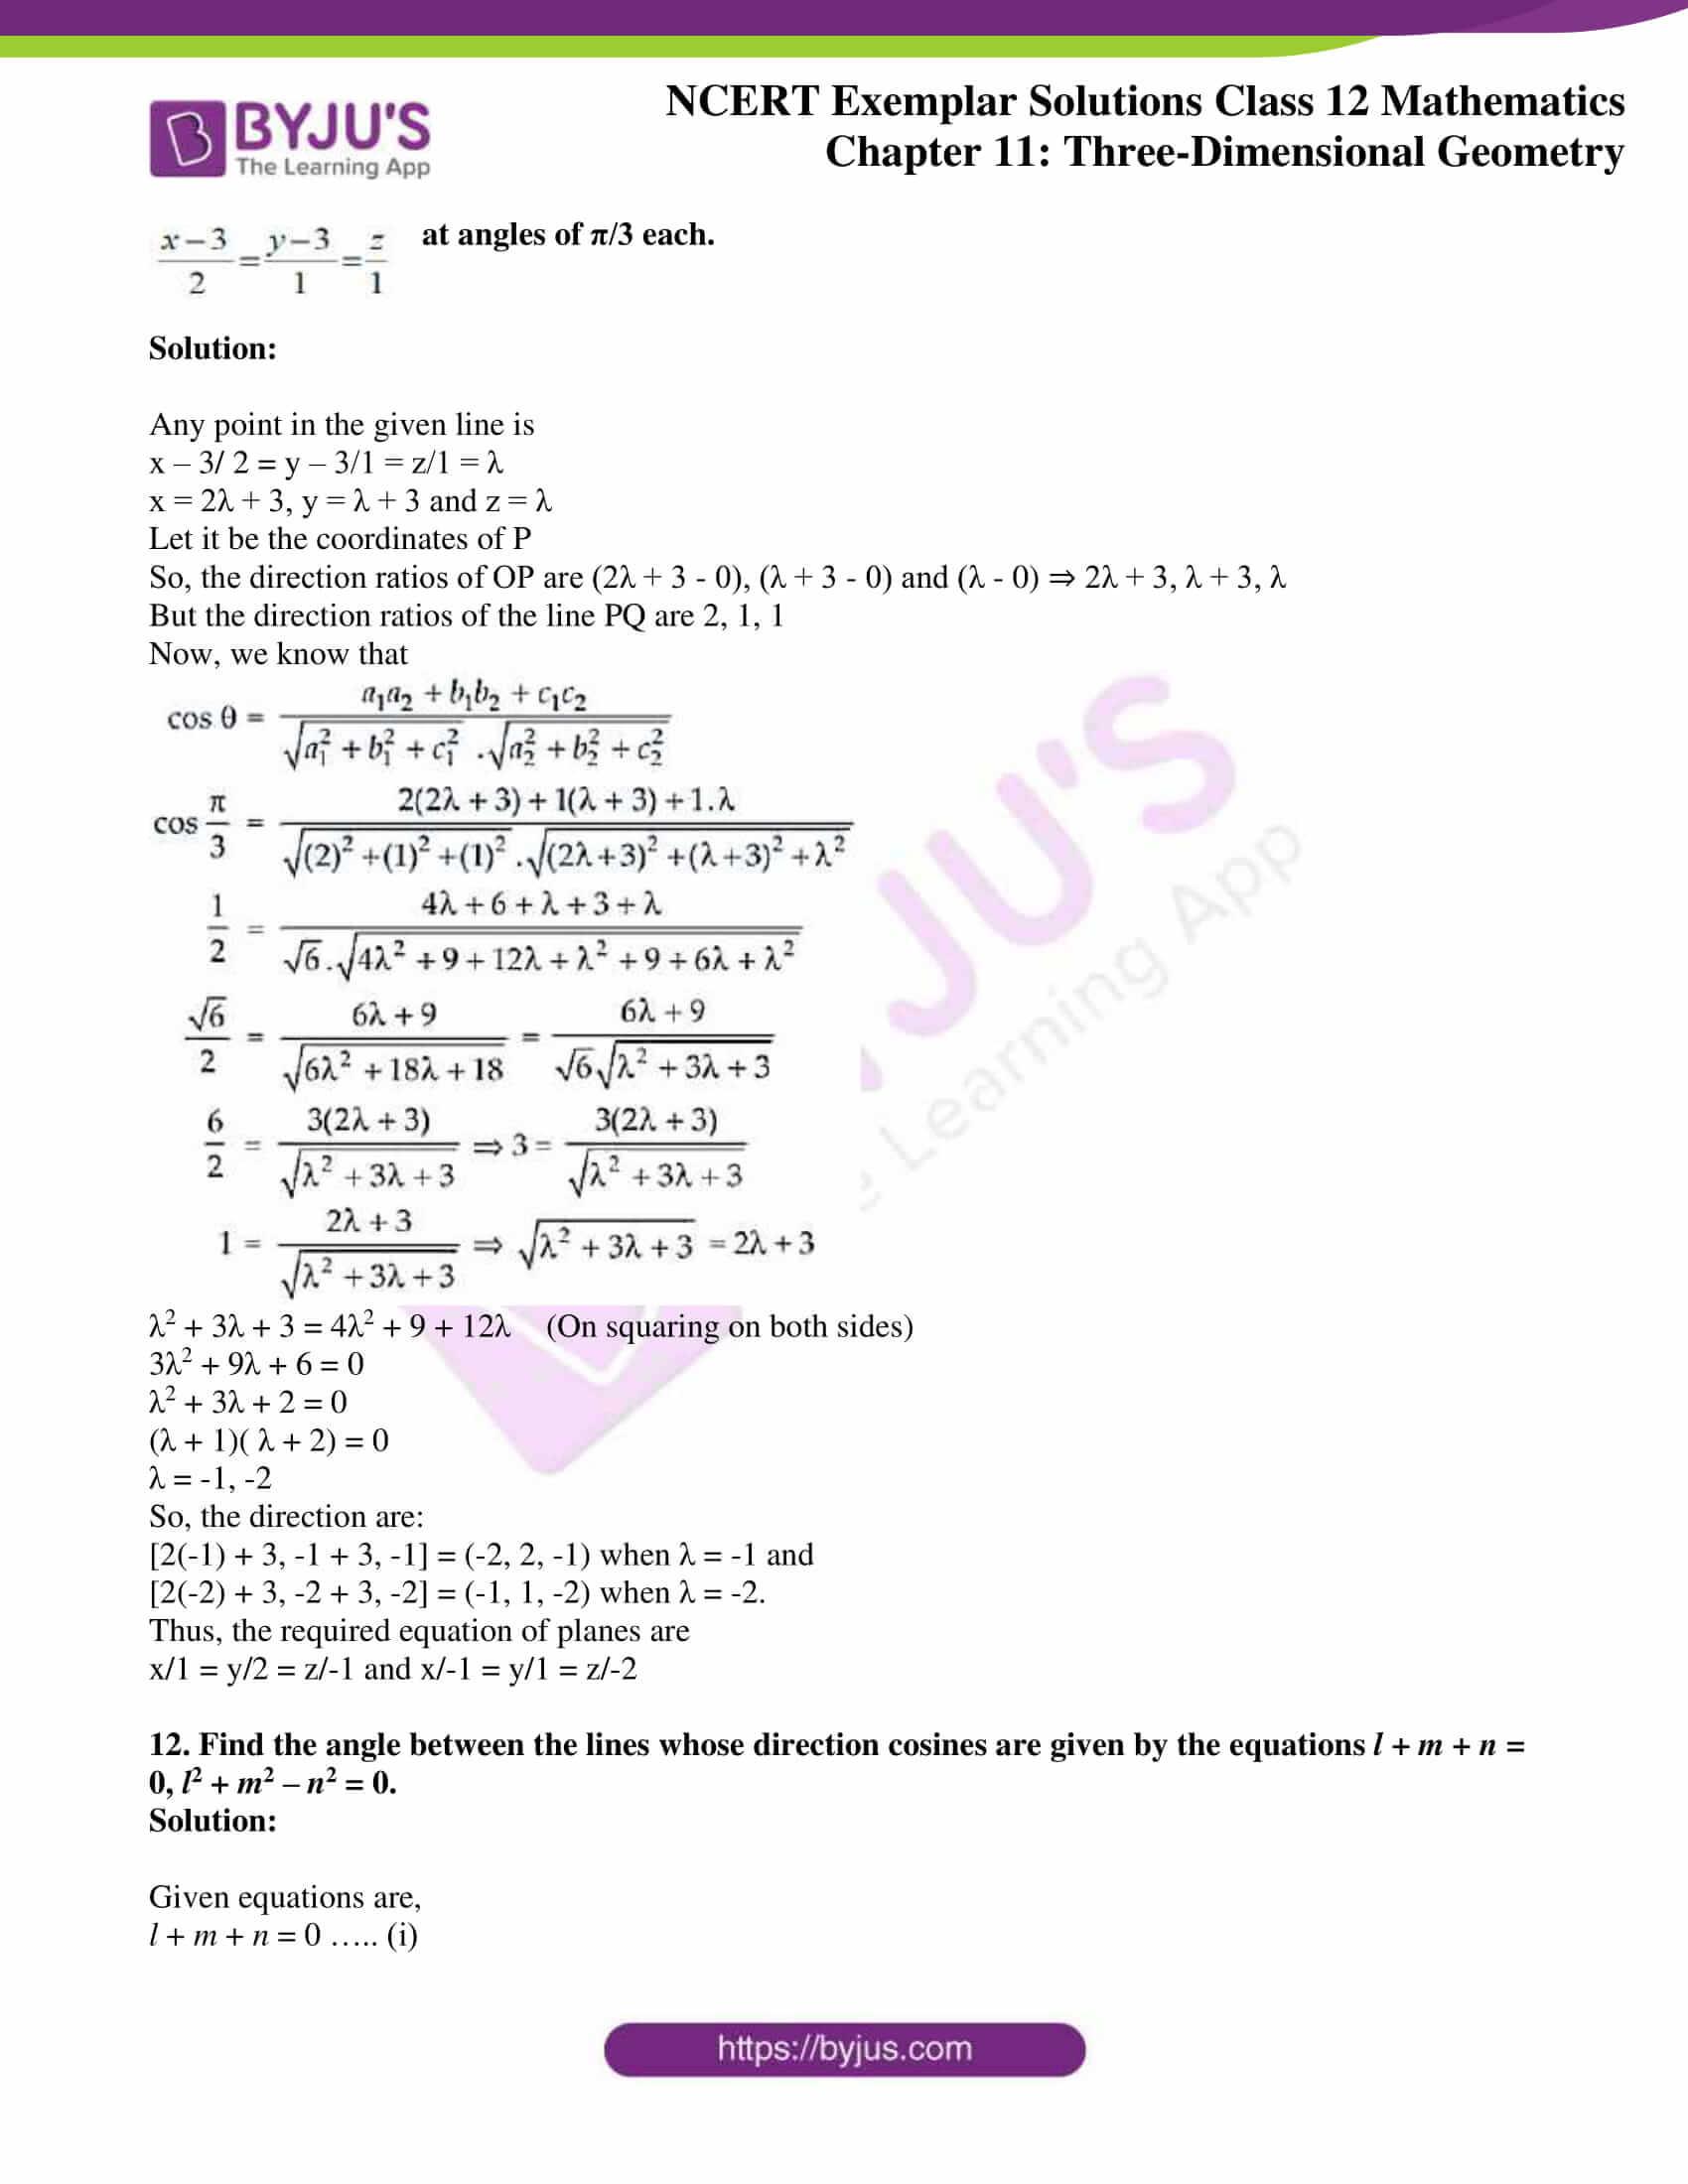 ncert exemplar sol class 12 mathematics ch 11 06